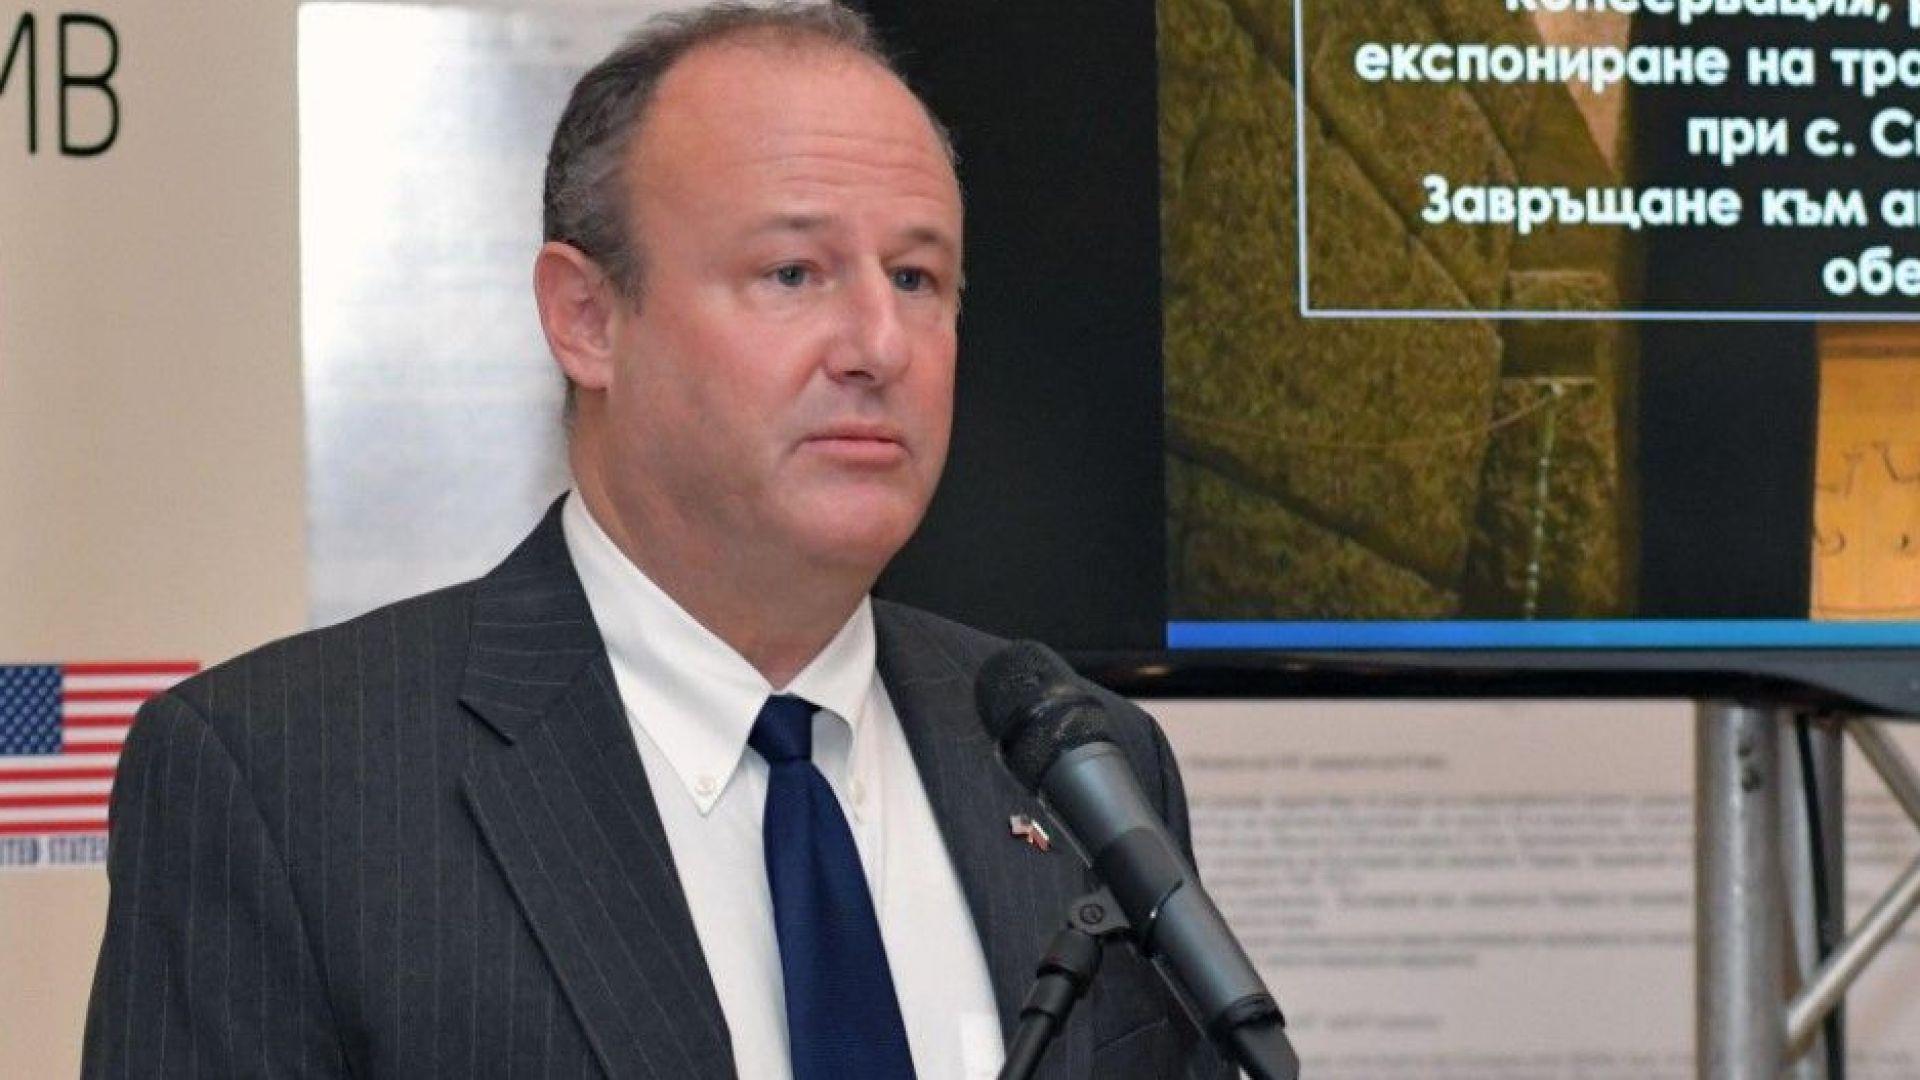 Посланикът на САЩ в България Ерик Рубин приветства началото на